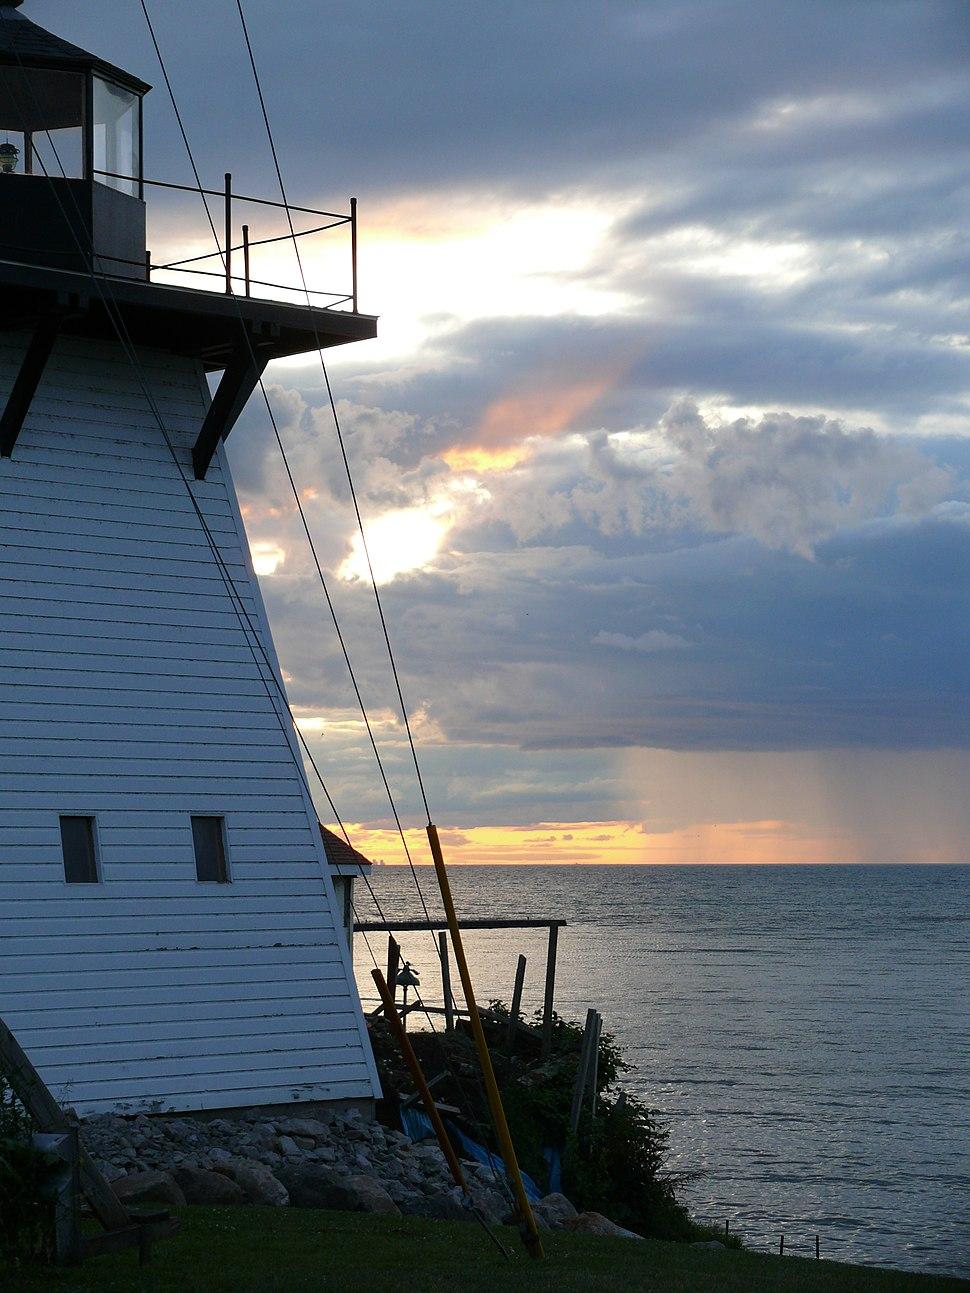 Olcott lighthouse with rainfall